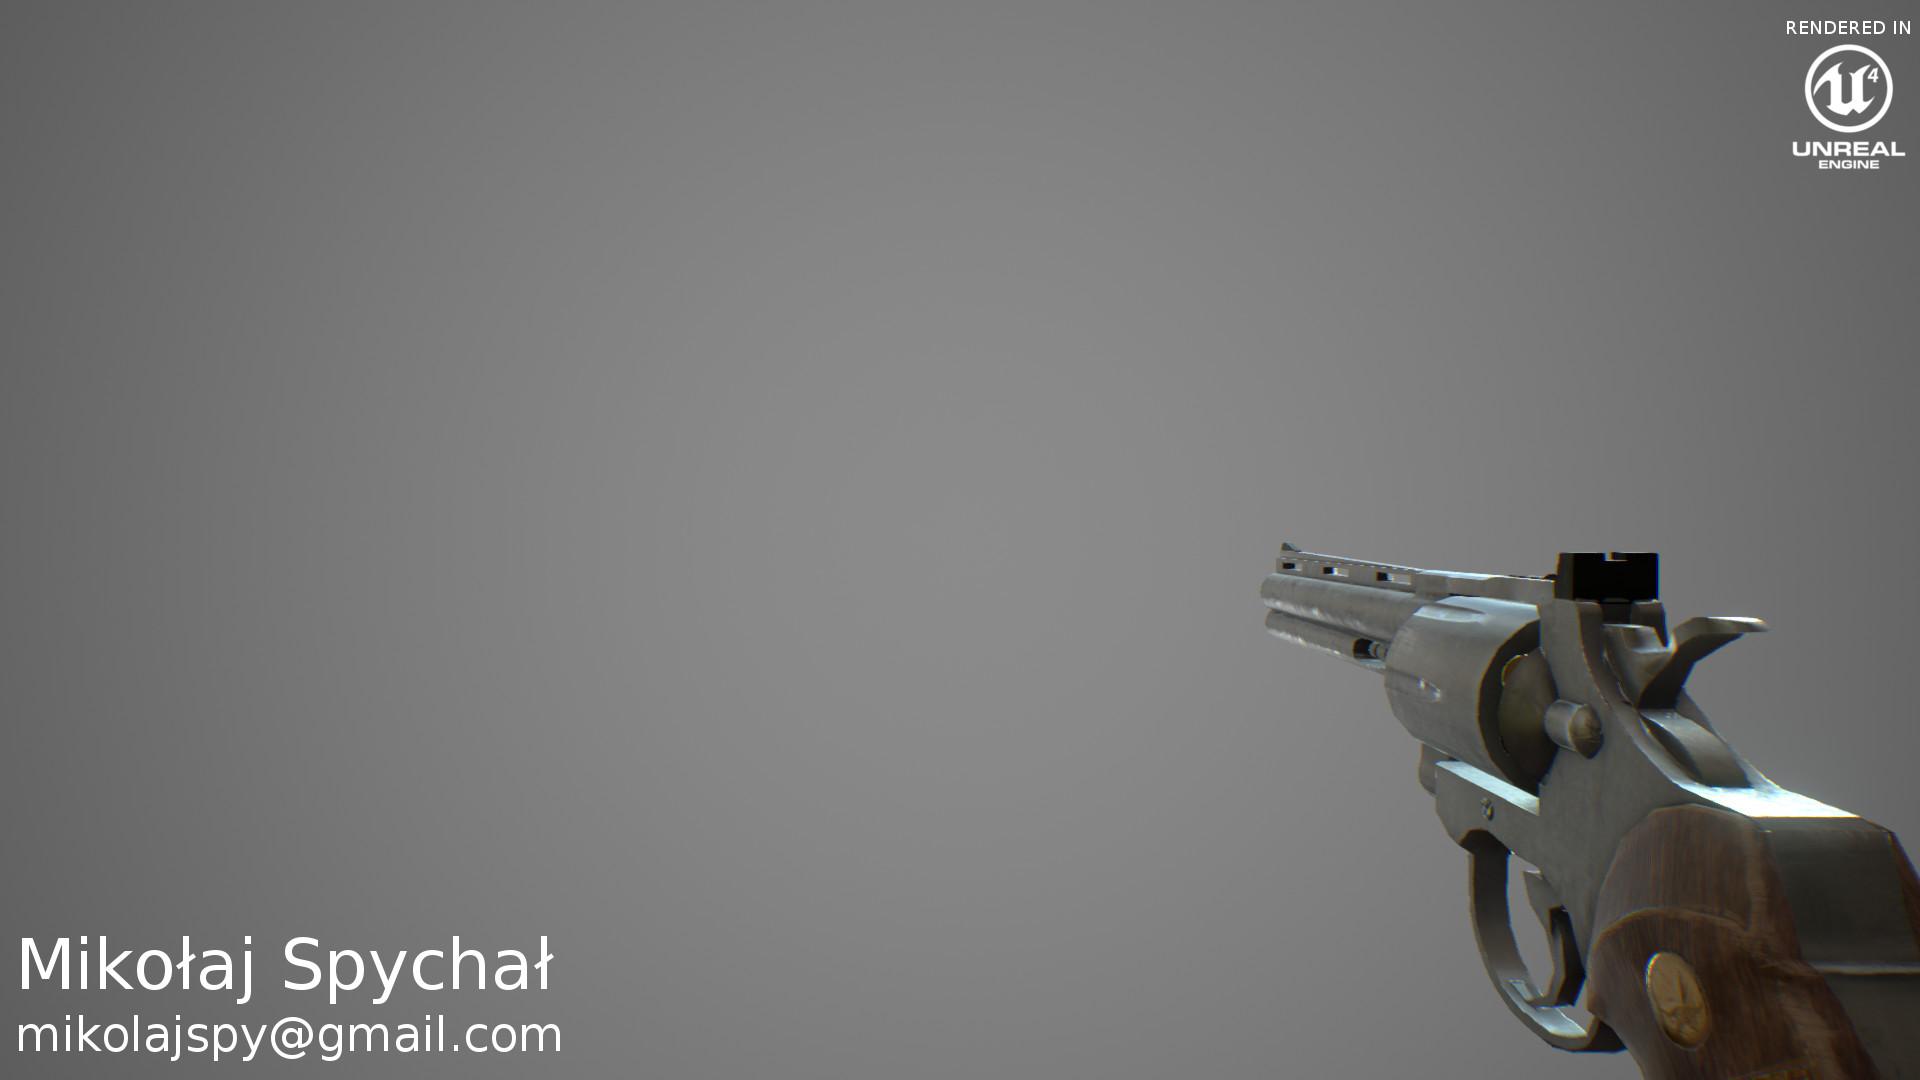 Mikolaj spychal revolverportfolio fpp